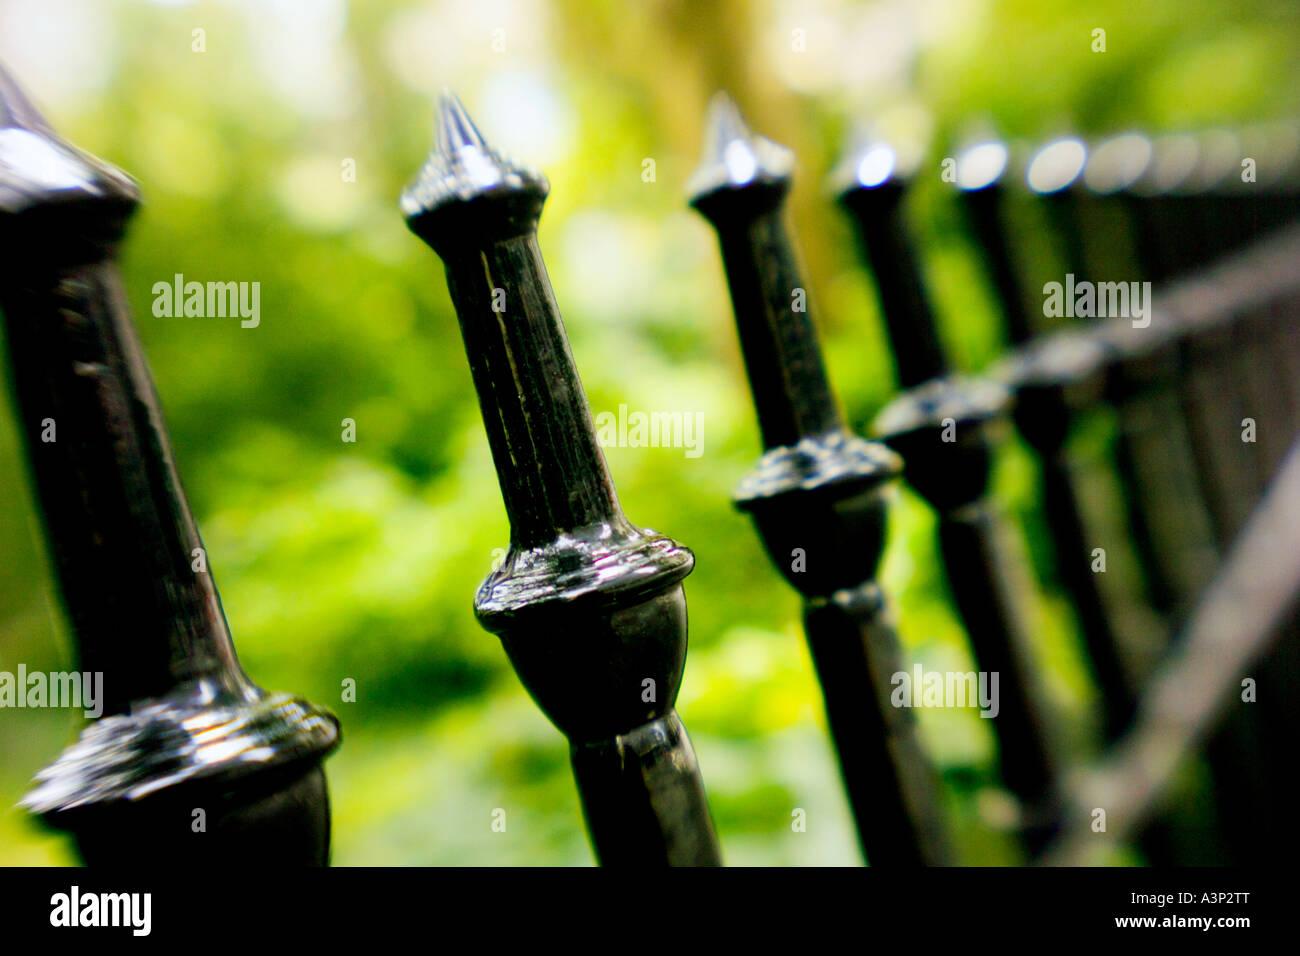 Fence horizontal - Stock Image